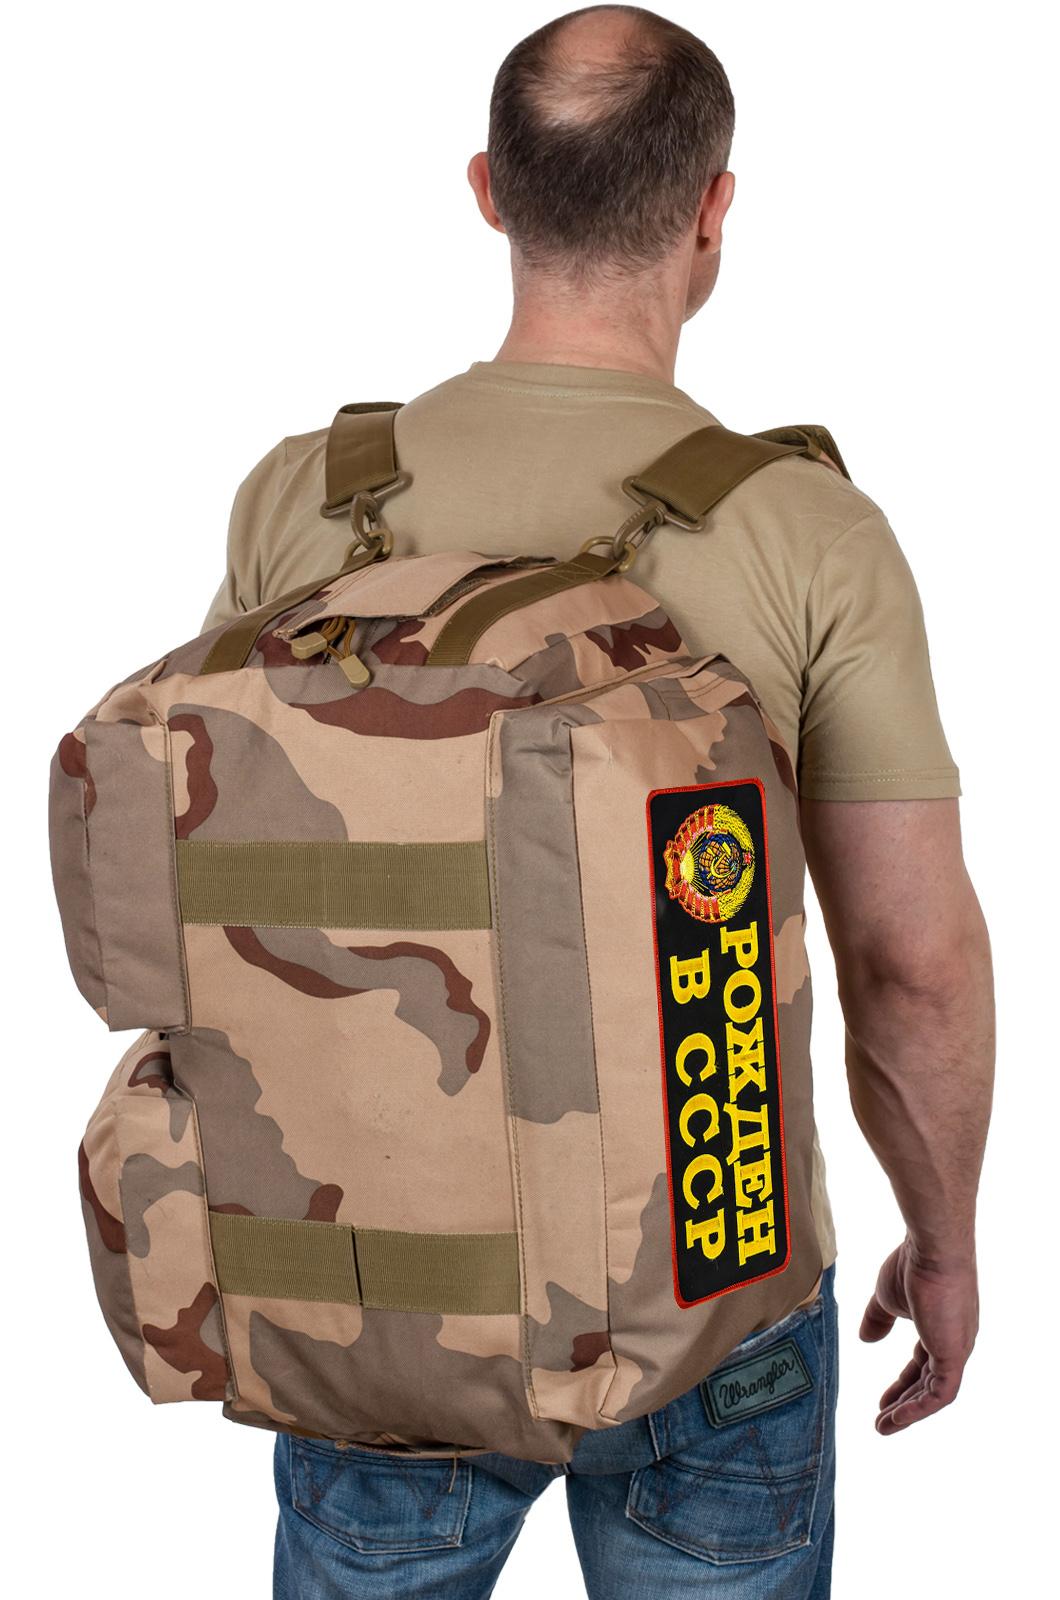 Купить дорожную камуфляжную сумку с нашивкой Рожден в СССР по лучшей цене